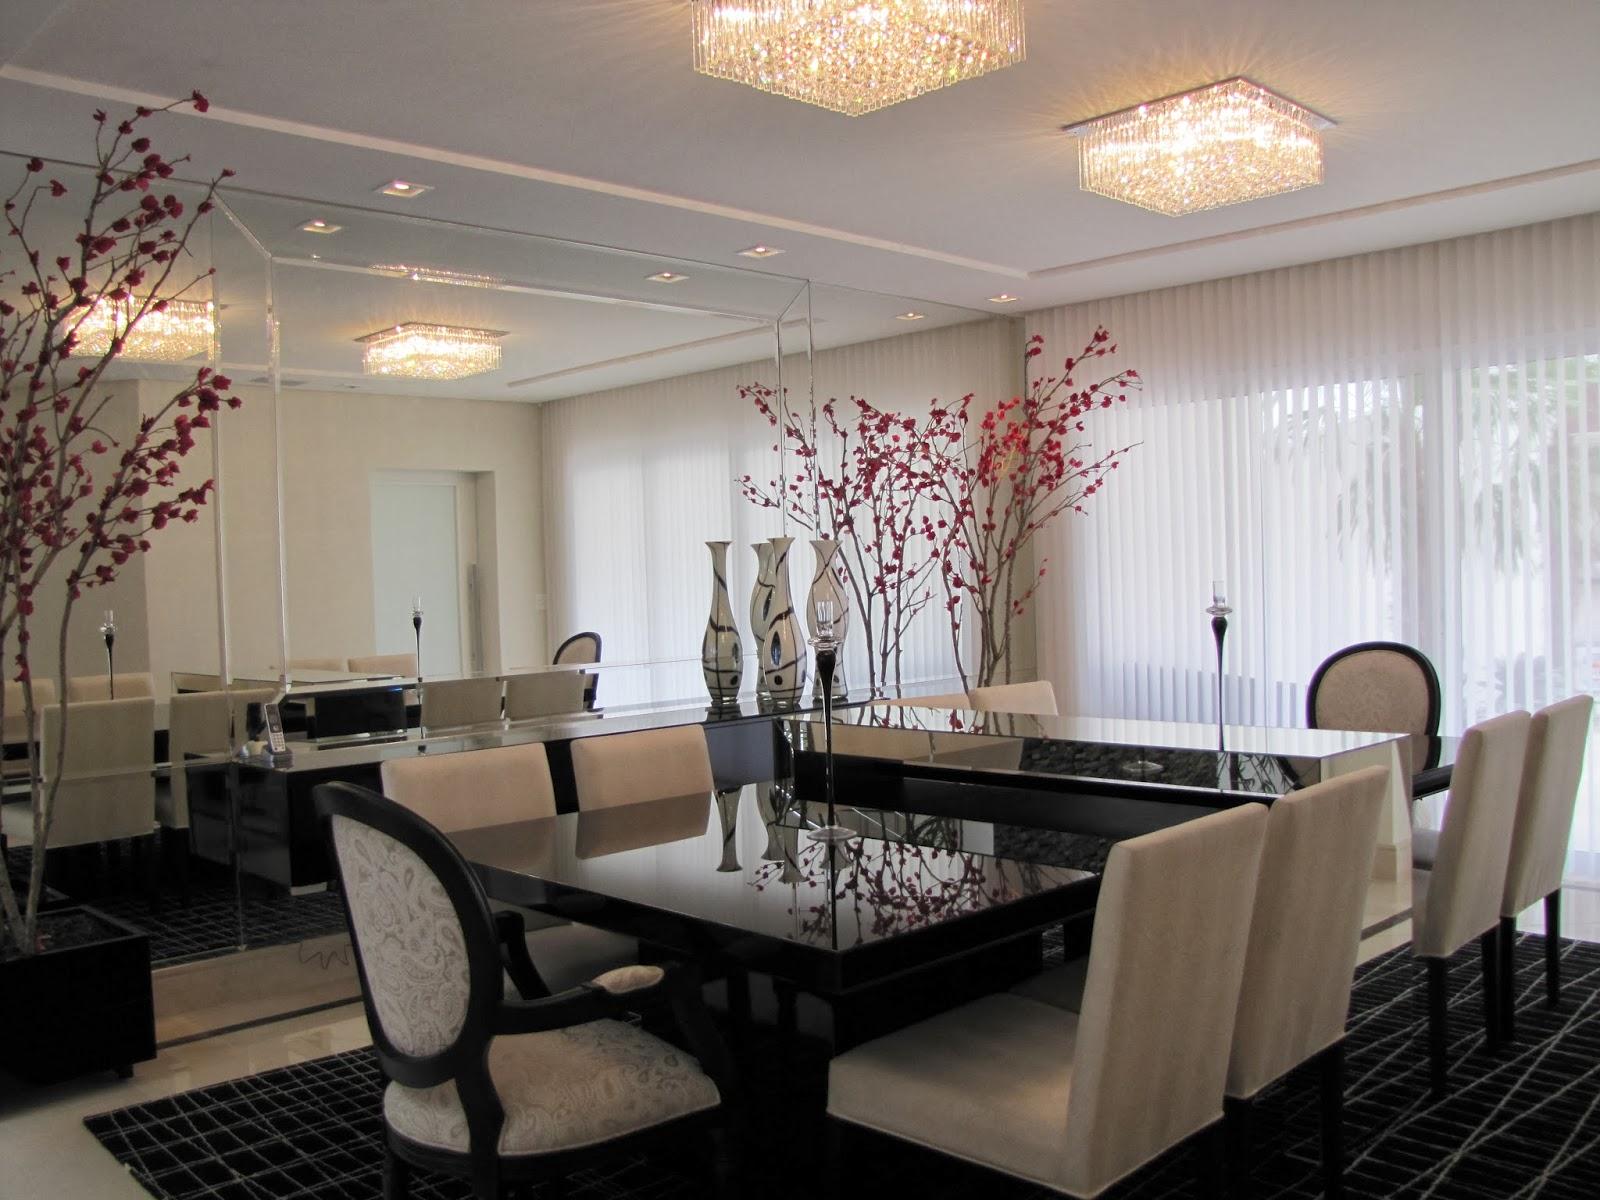 Espelho Sala Jantar Parede Gostou Da Matria Veja Essa E Outras  -> Adesivo Sala De Jantar